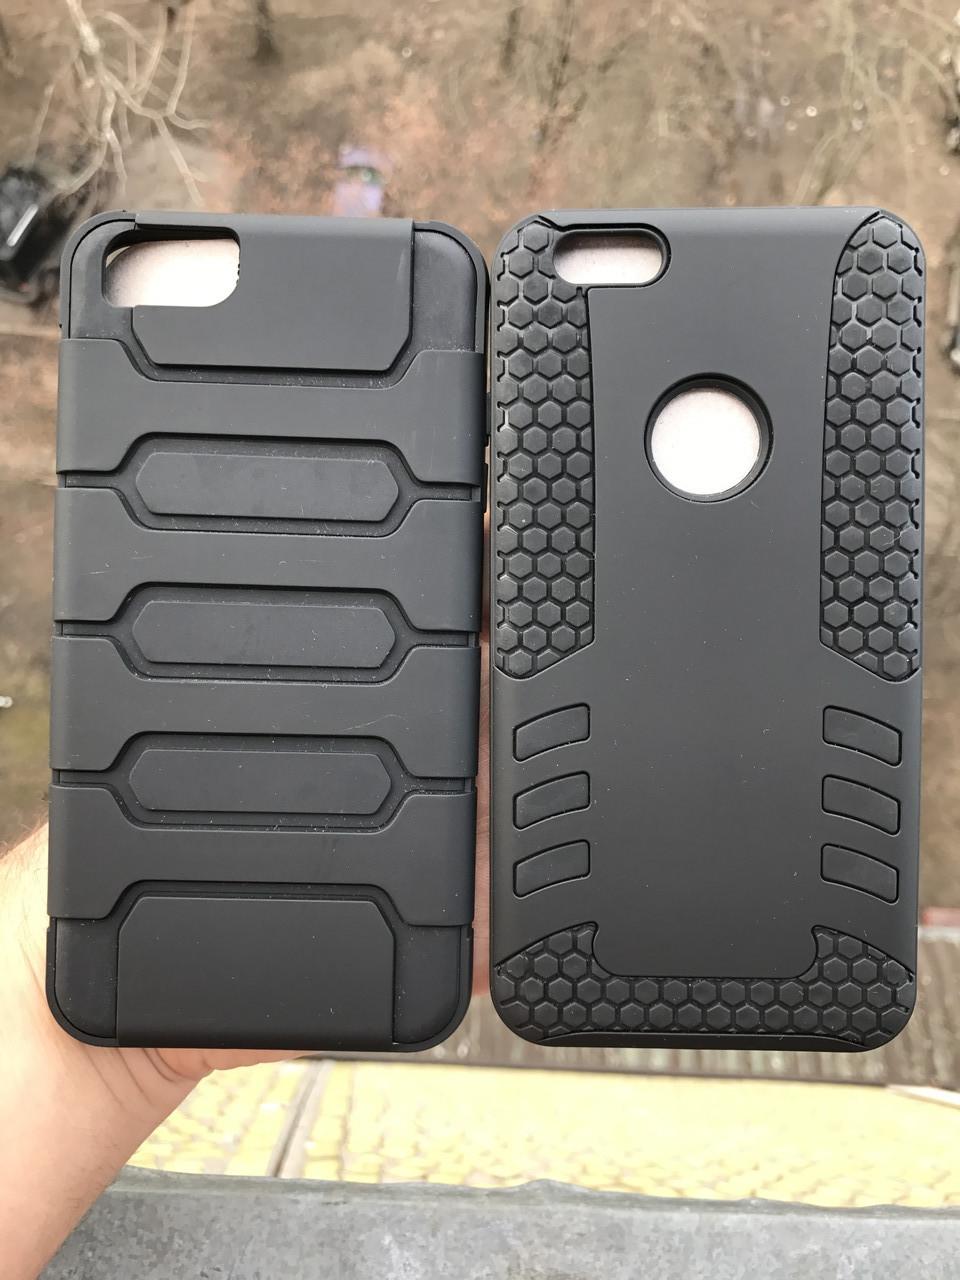 Чехол противоударный iphone 6/6s plus + защитное стекло на экран в подарок